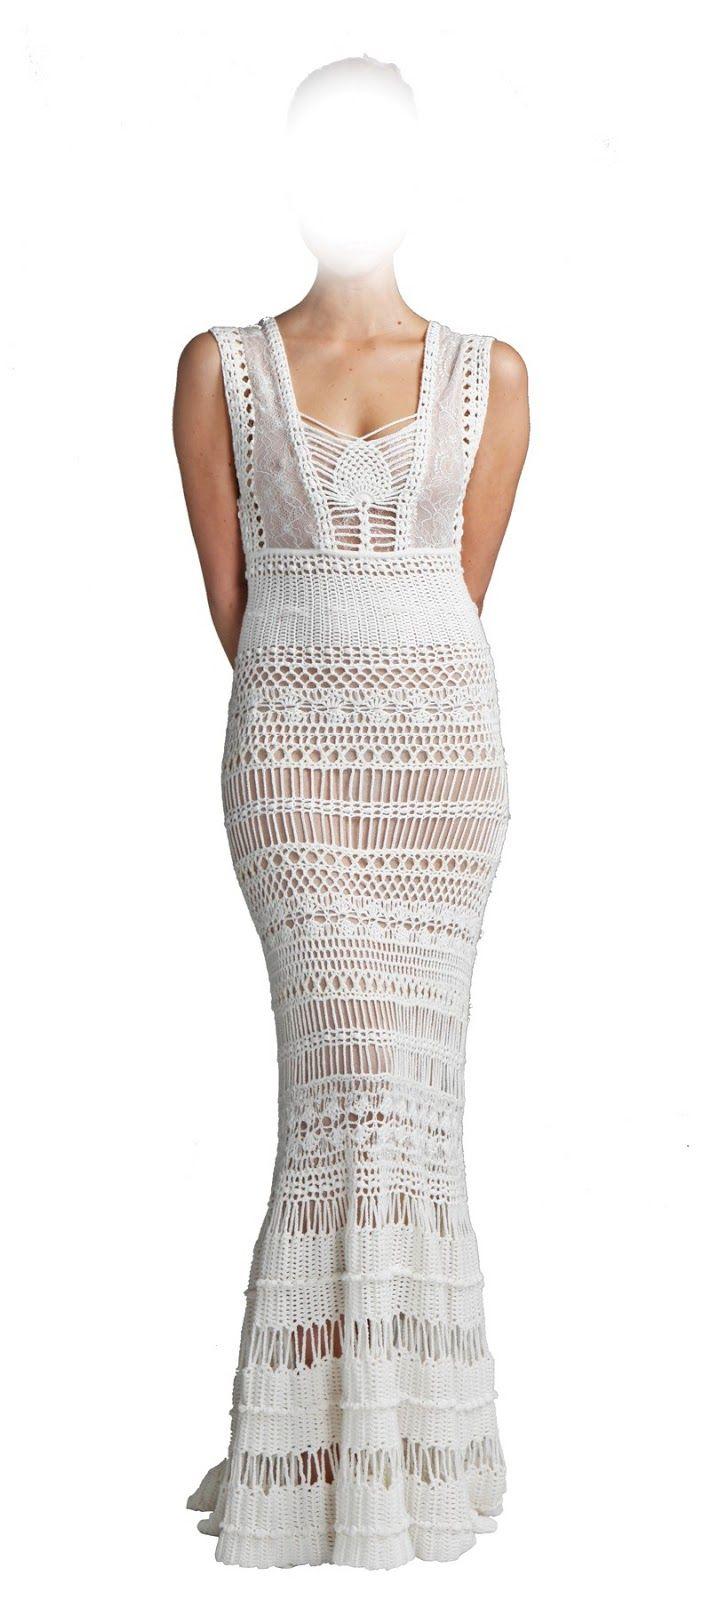 Knitted wedding dress  Vestido de fiesta  Tejidos  Pinterest  Crochet Catherine